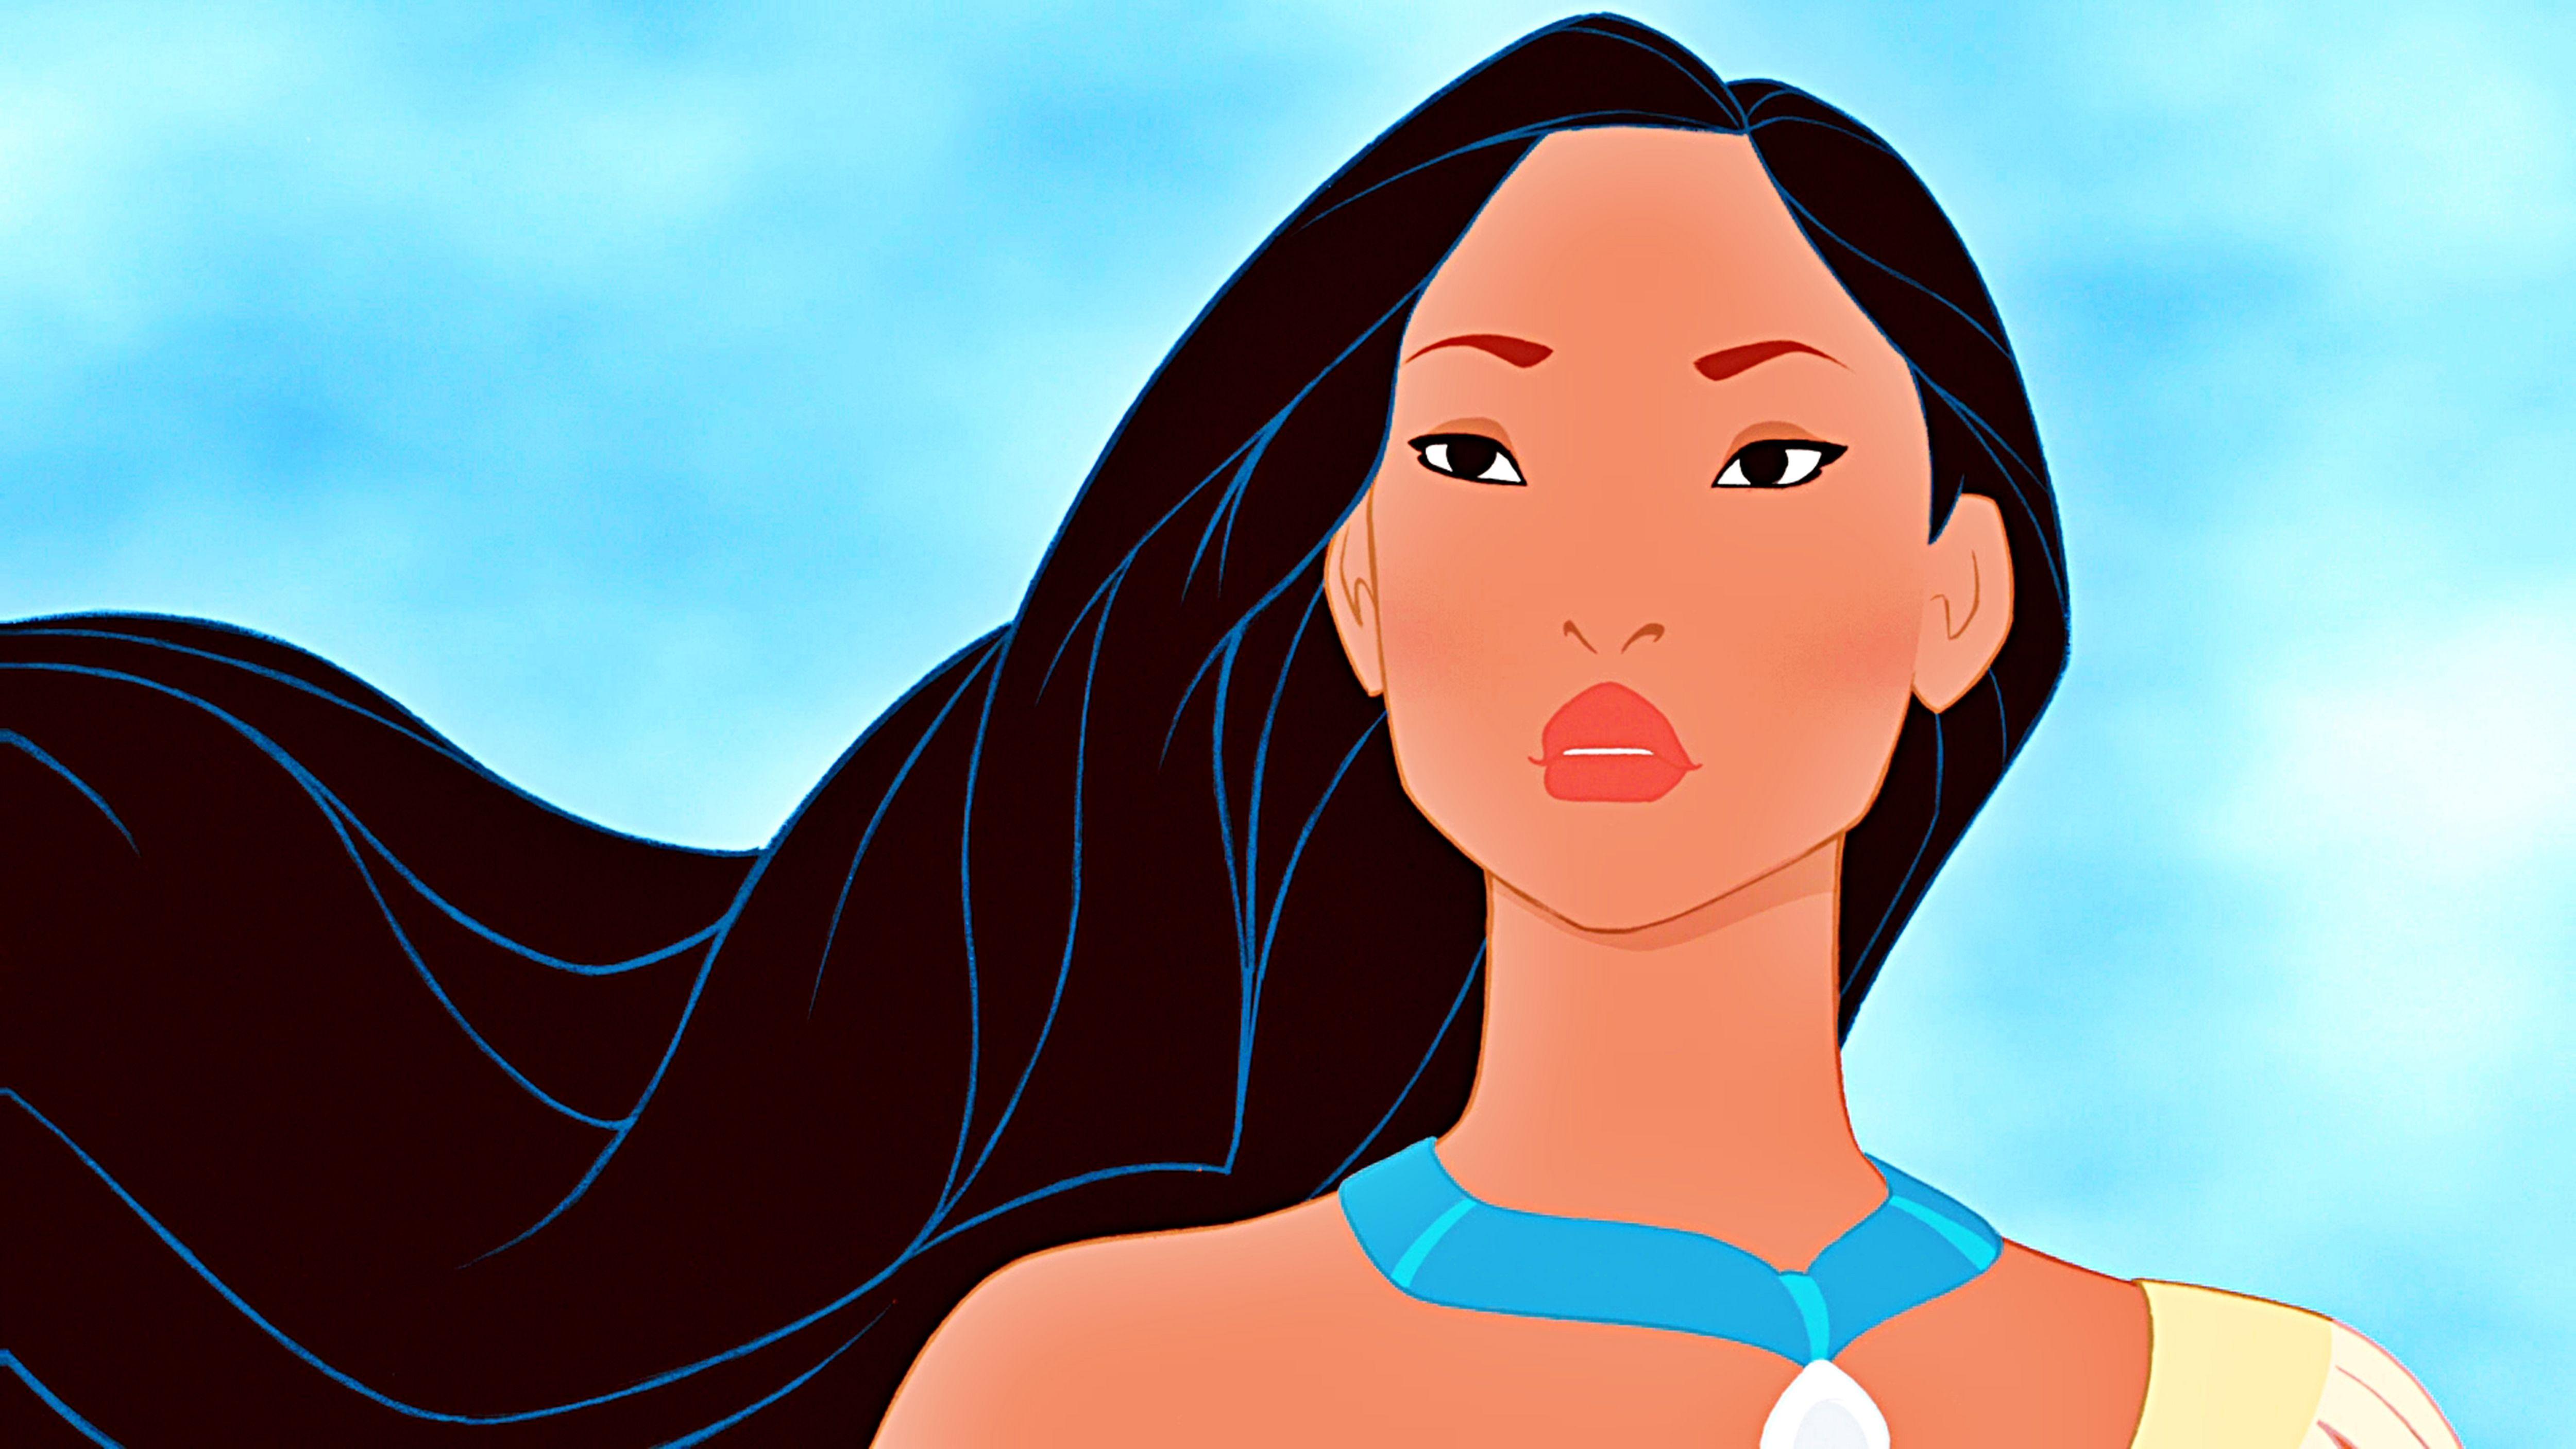 New Disney Princess Pocahontas Cartoon